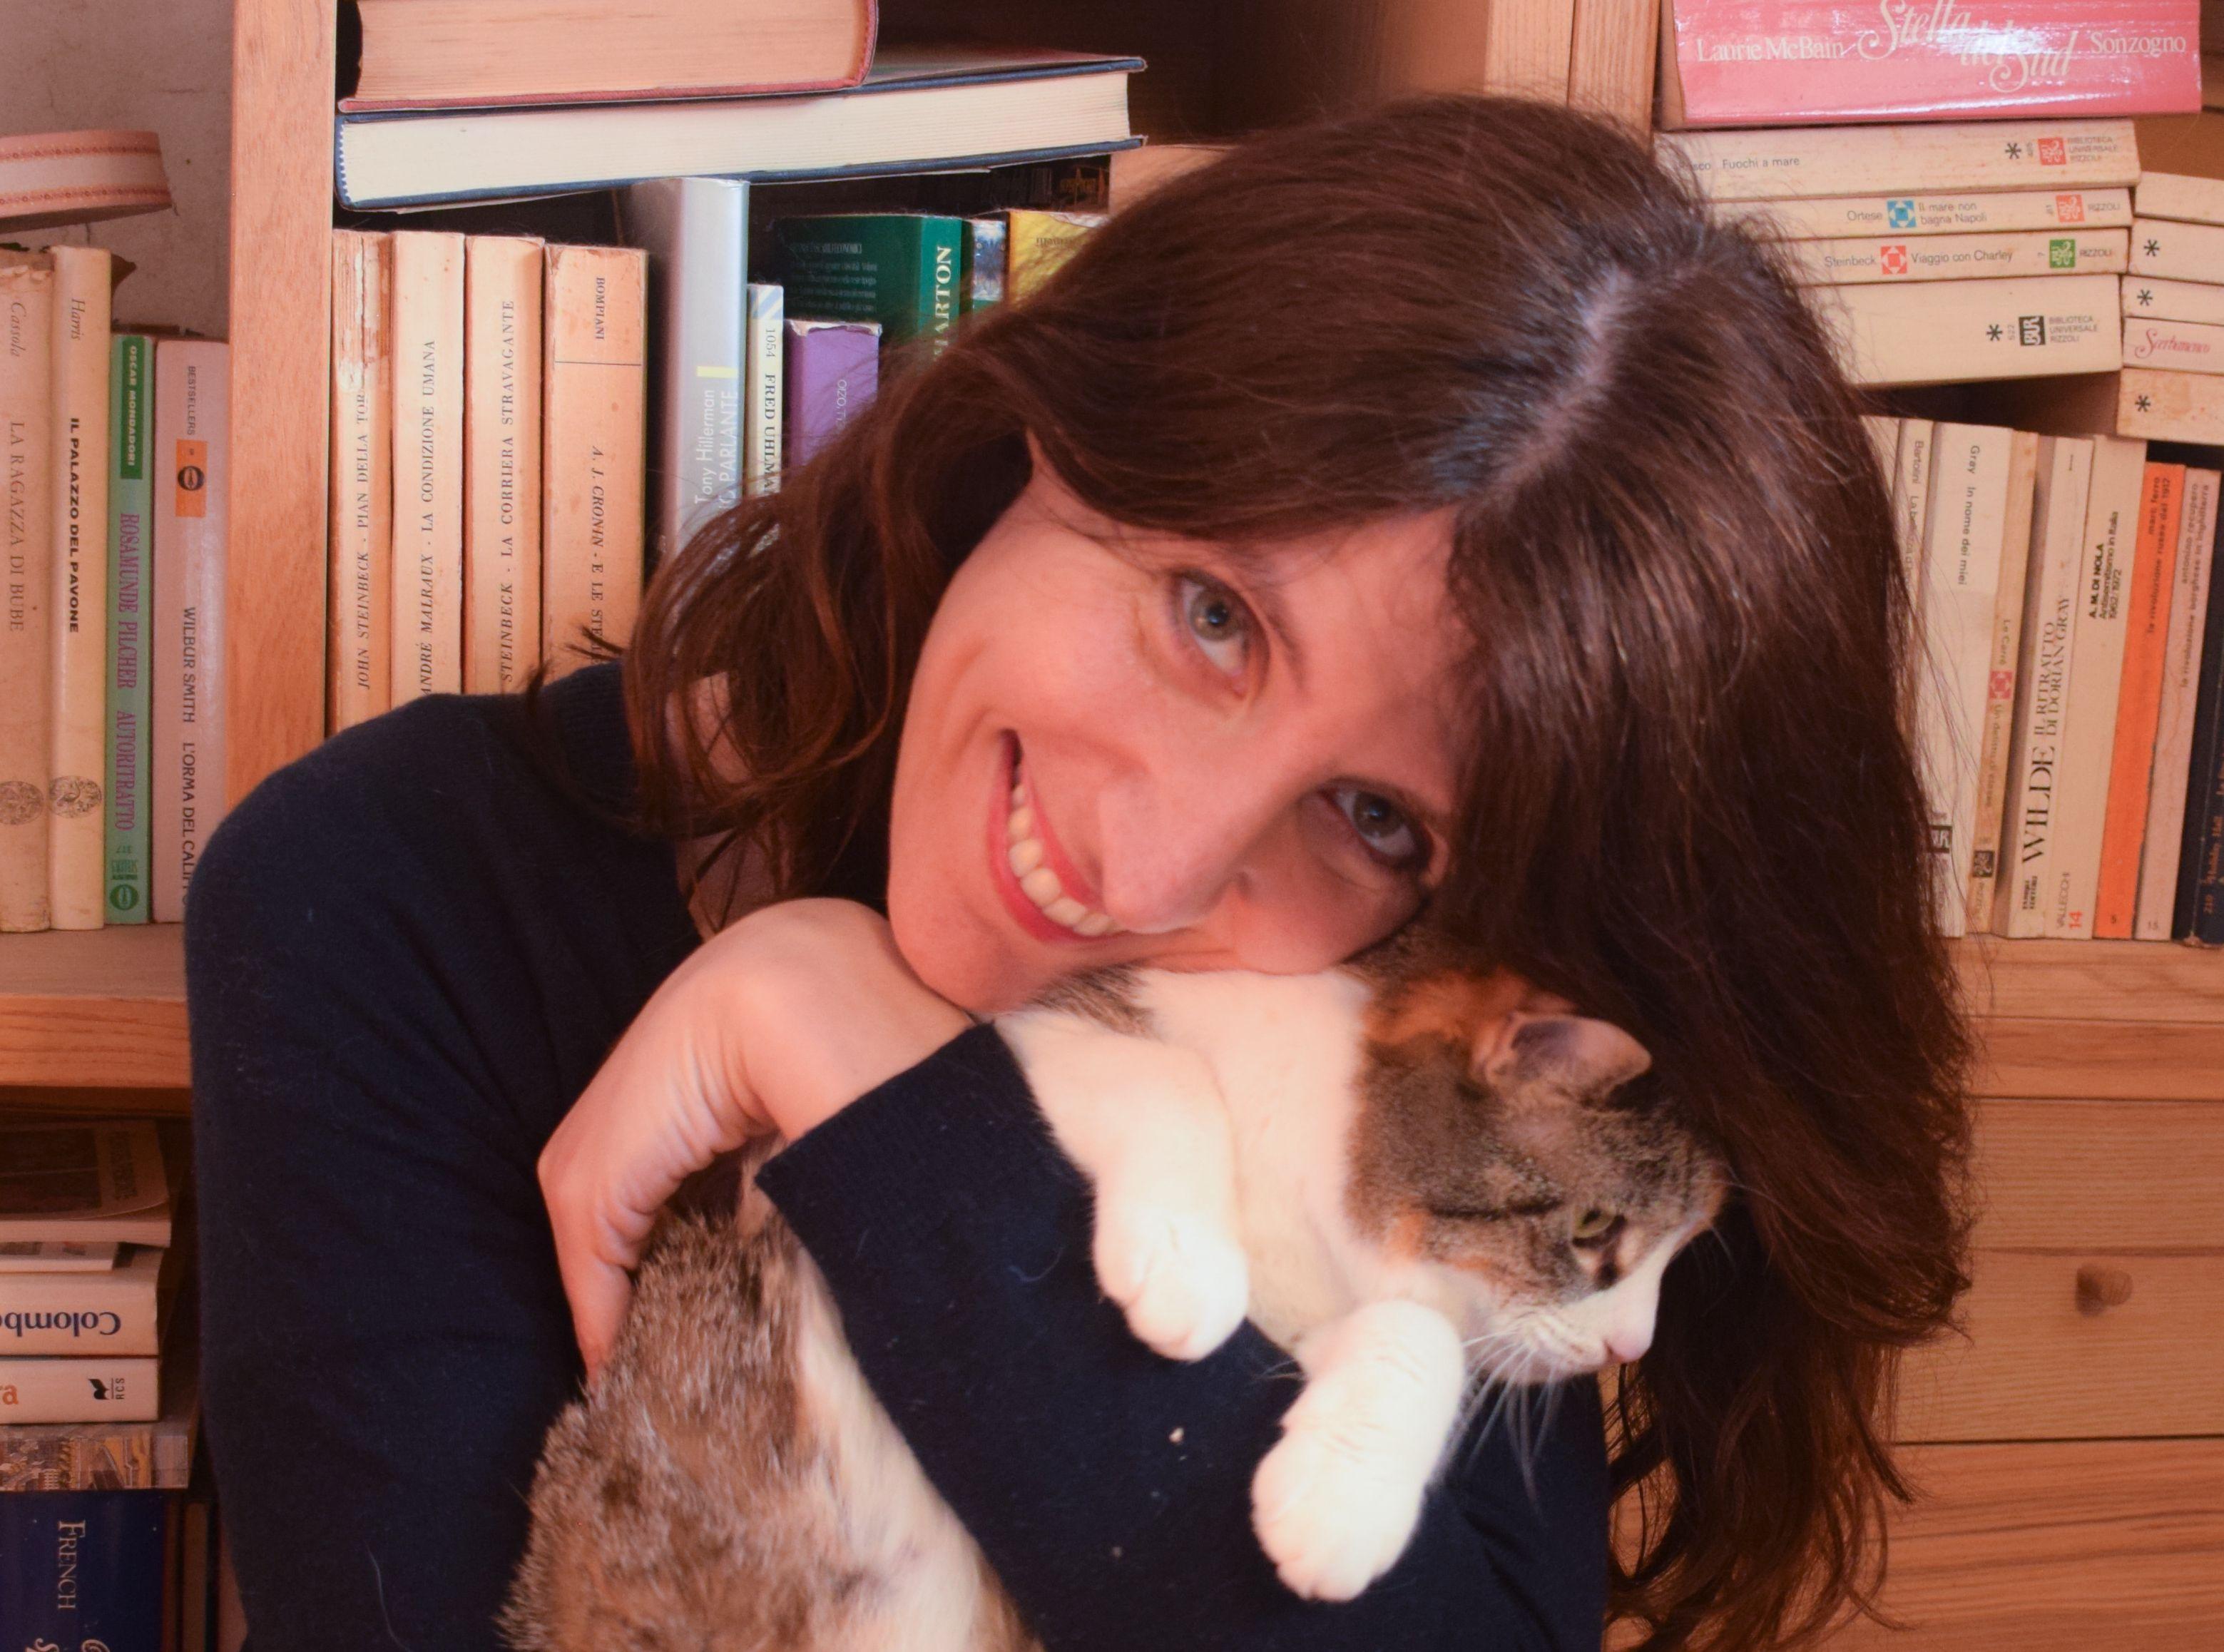 CASTELLAMONTE - Una guida per cuori infranti alla ricerca della felicità: la scrittrice Chiara Compagni conquista tutti - FOTO